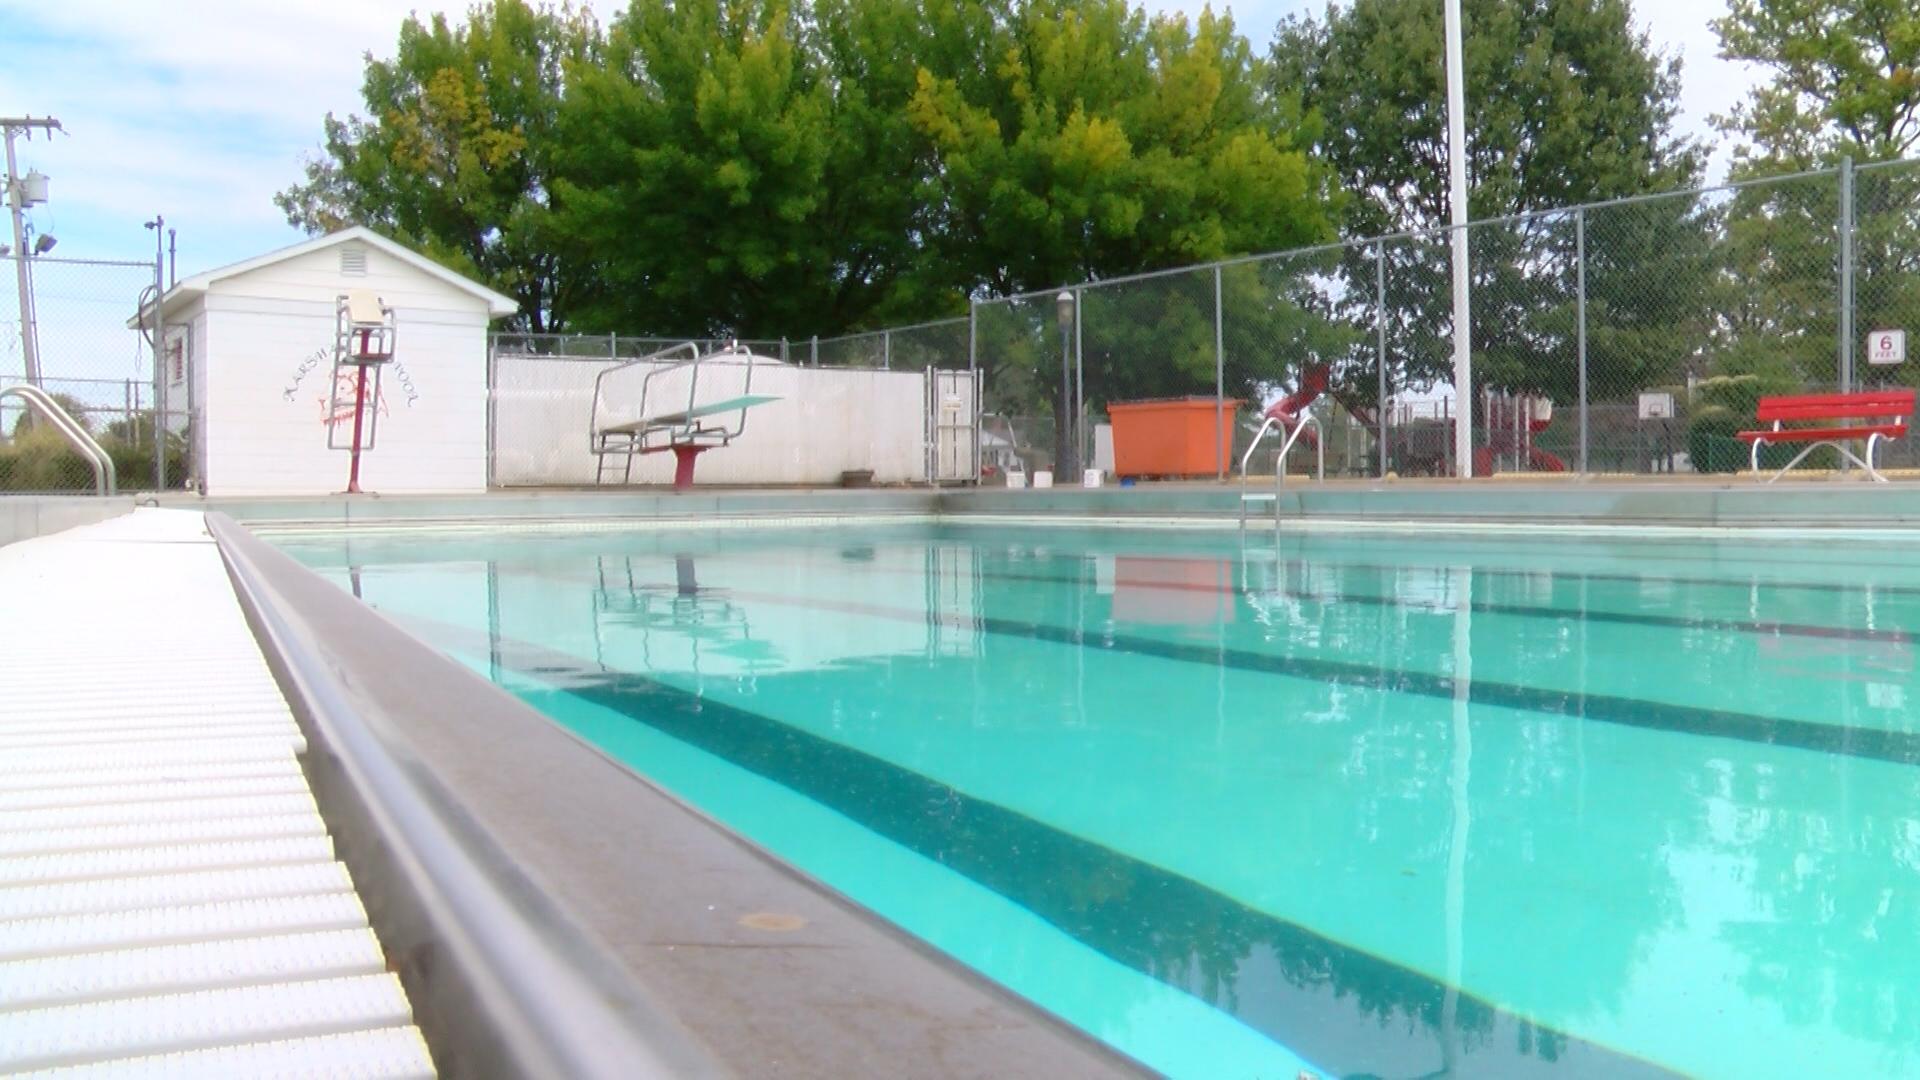 pool_1505250744540.jpg